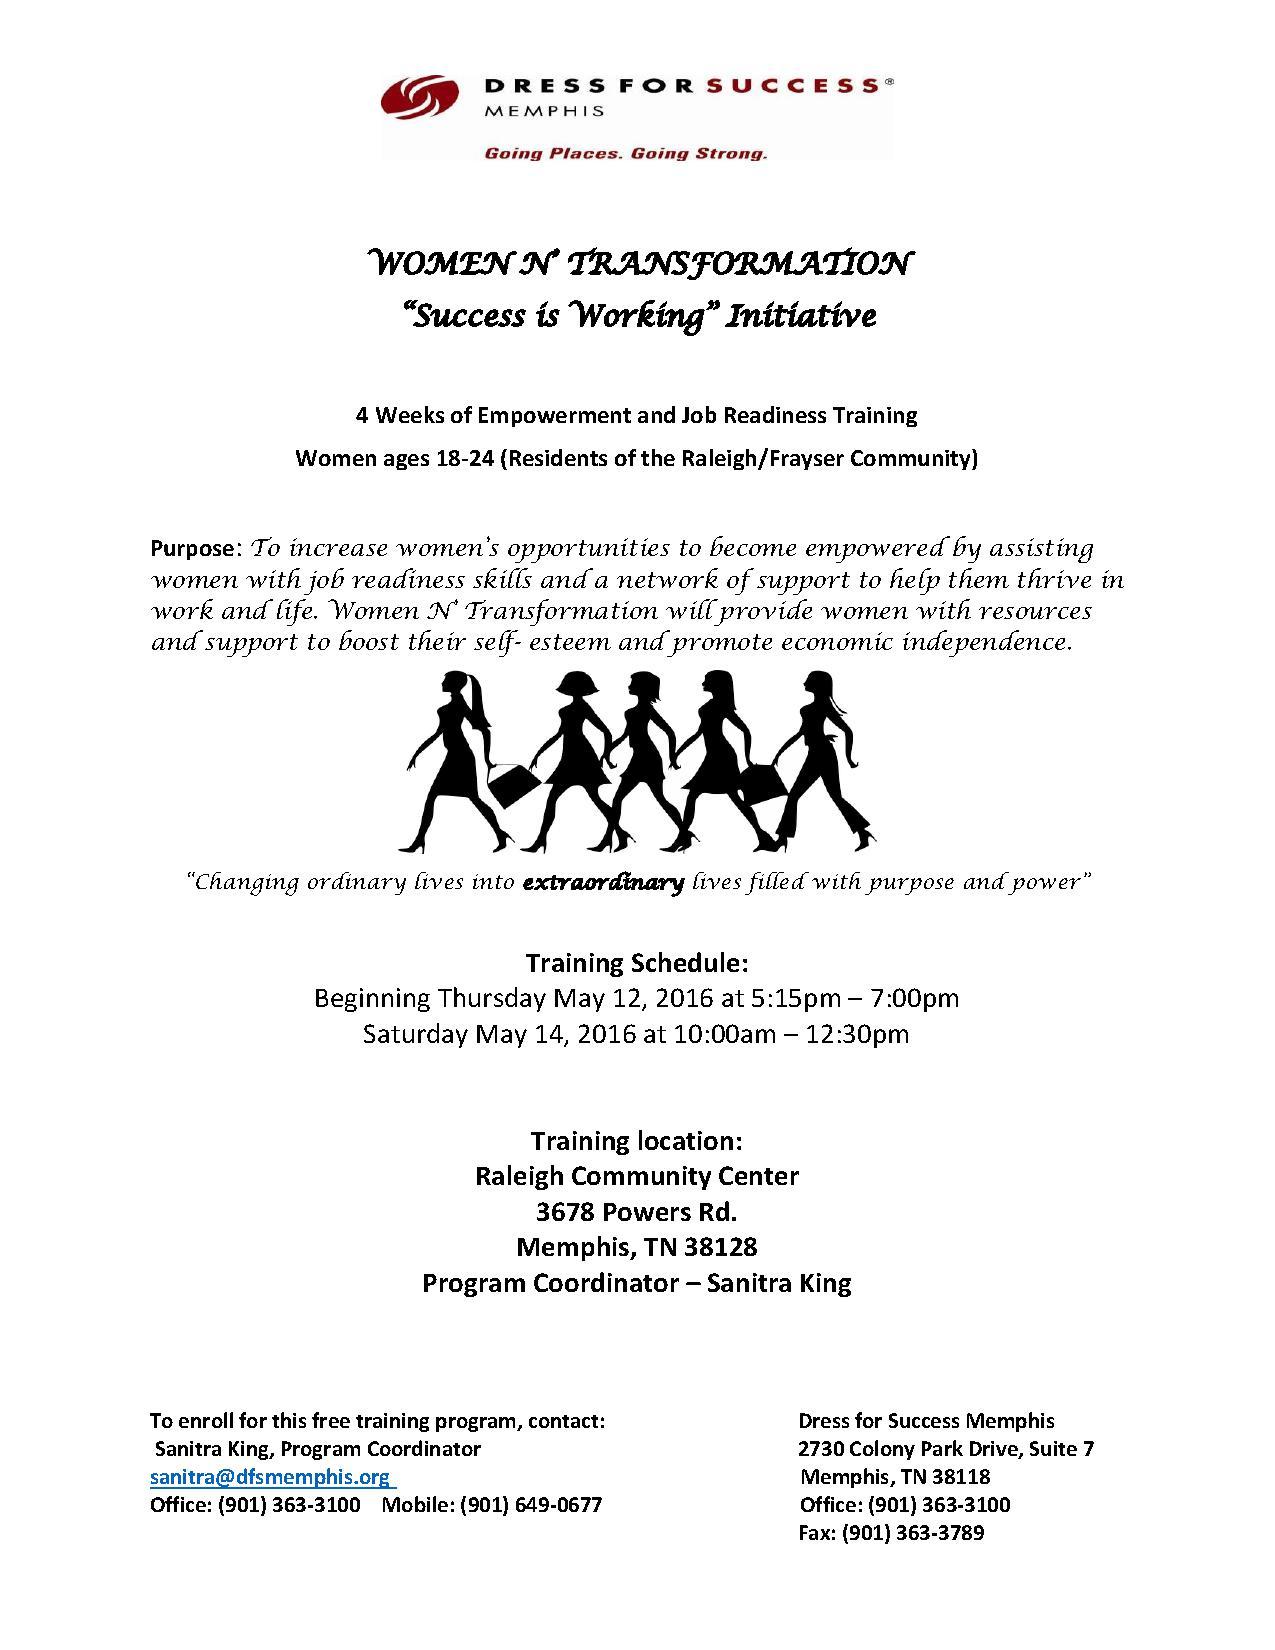 dfs flyer women n transformation_1